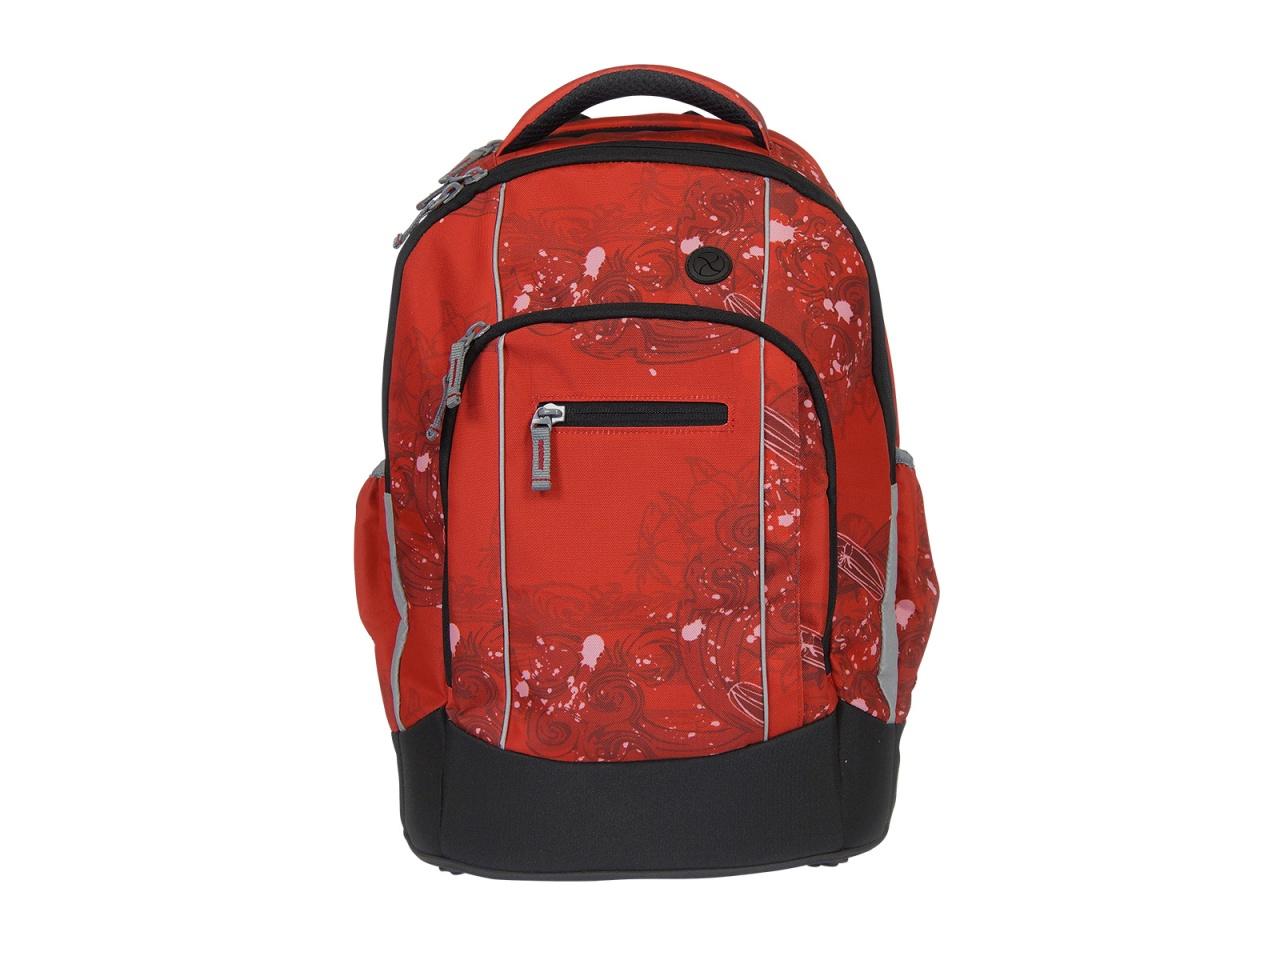 Schulrucksack Pacific red